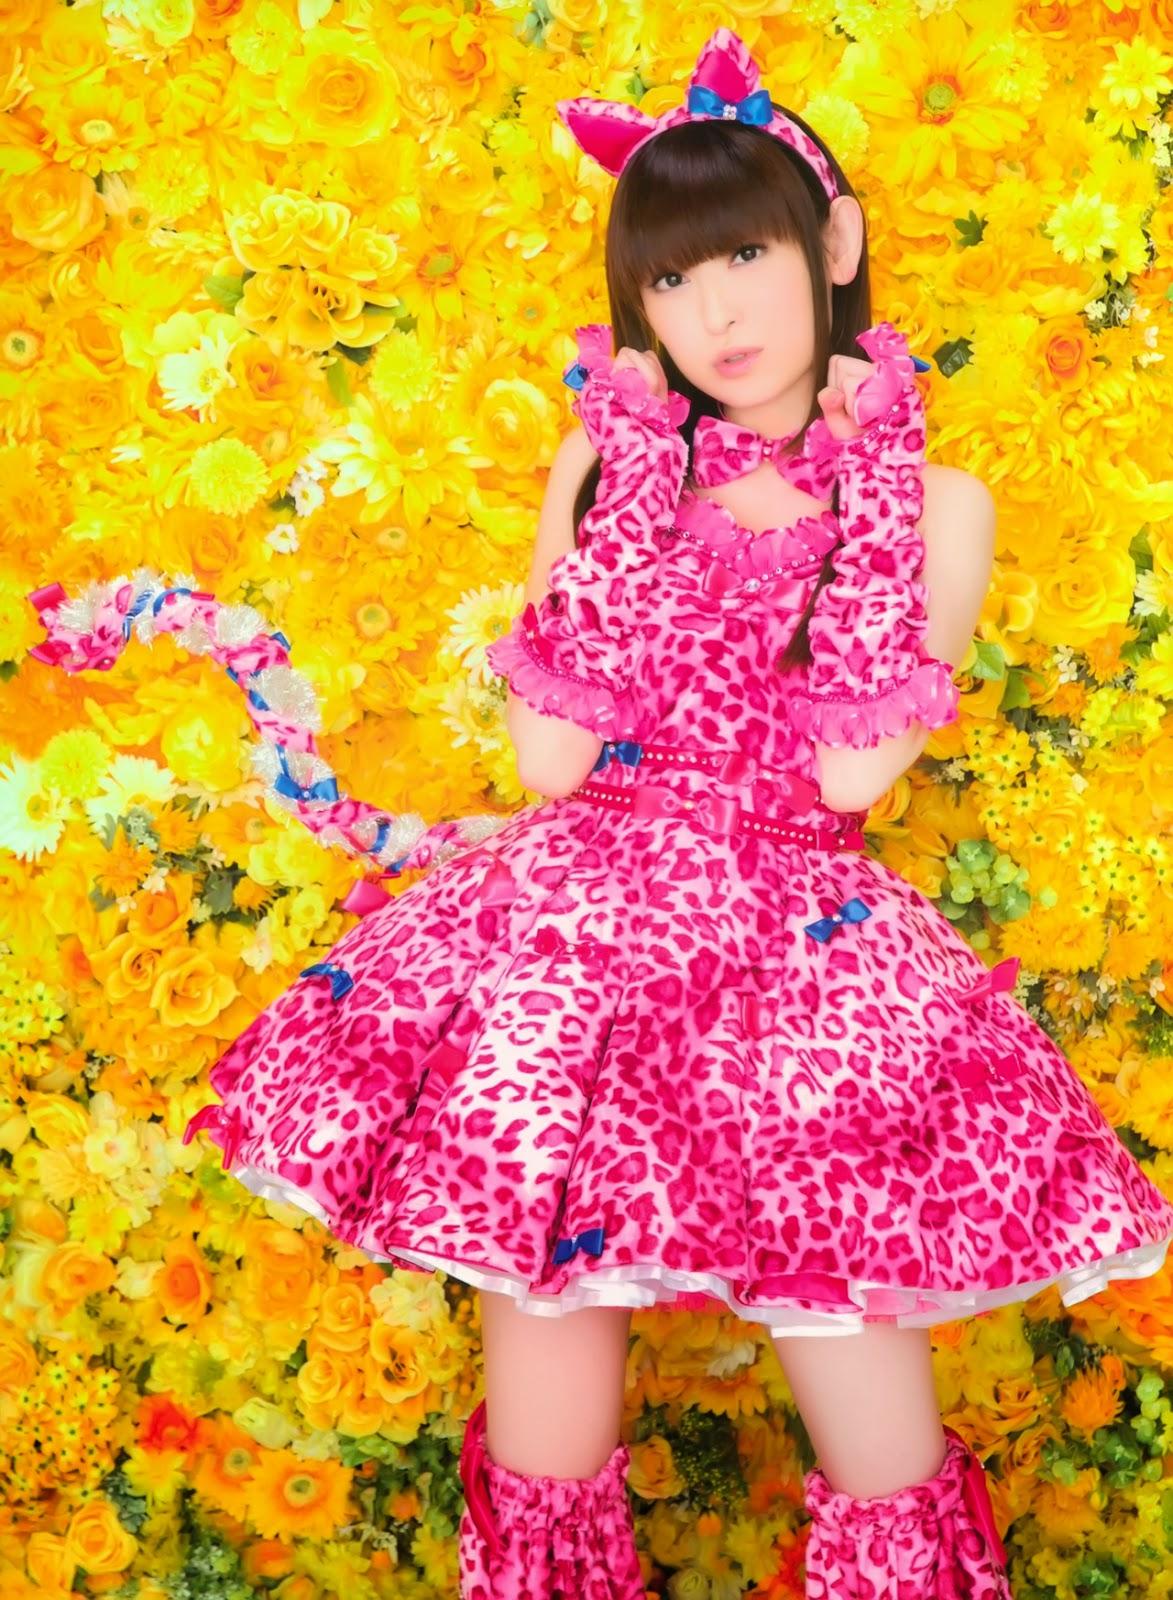 F-M-R [Foil Man Rips]: Happy 38th Birthday Yukari Tamura!